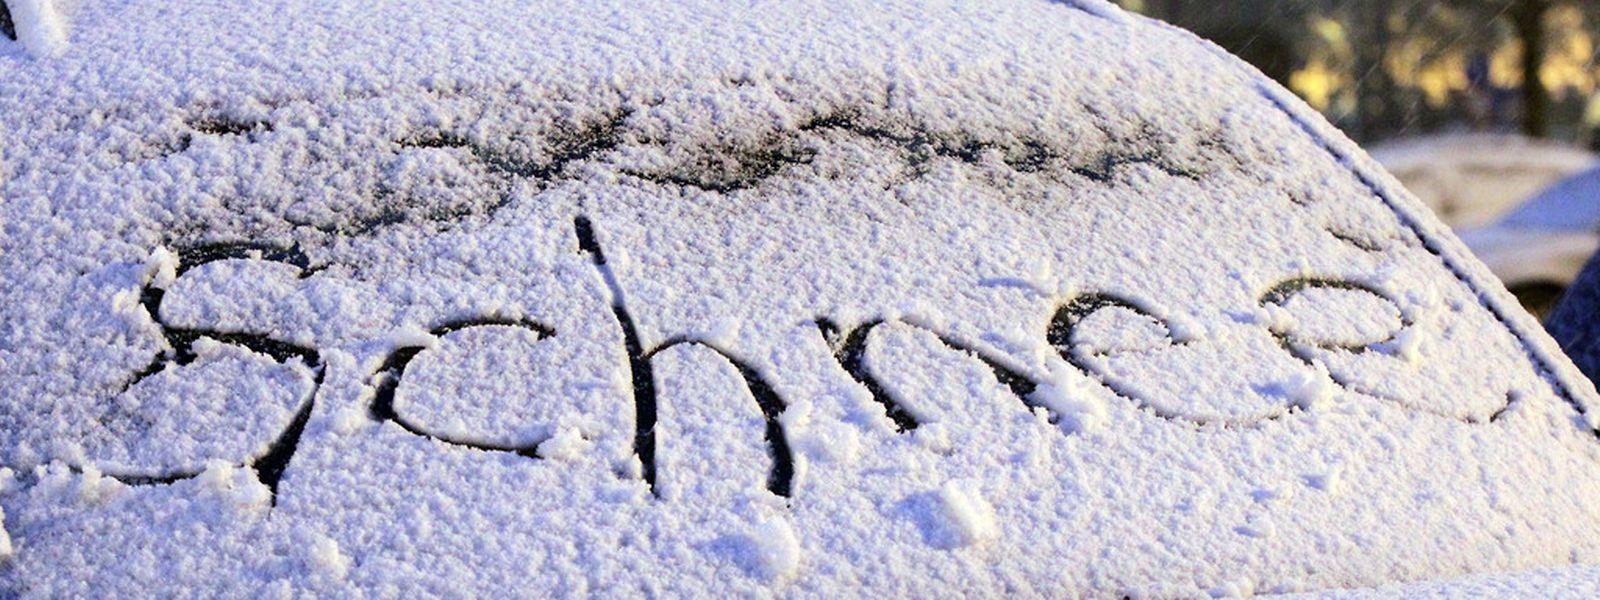 Für die Zeit zwischen den Feiertagen meldet sich der Winter auch in Luxemburg zurück.